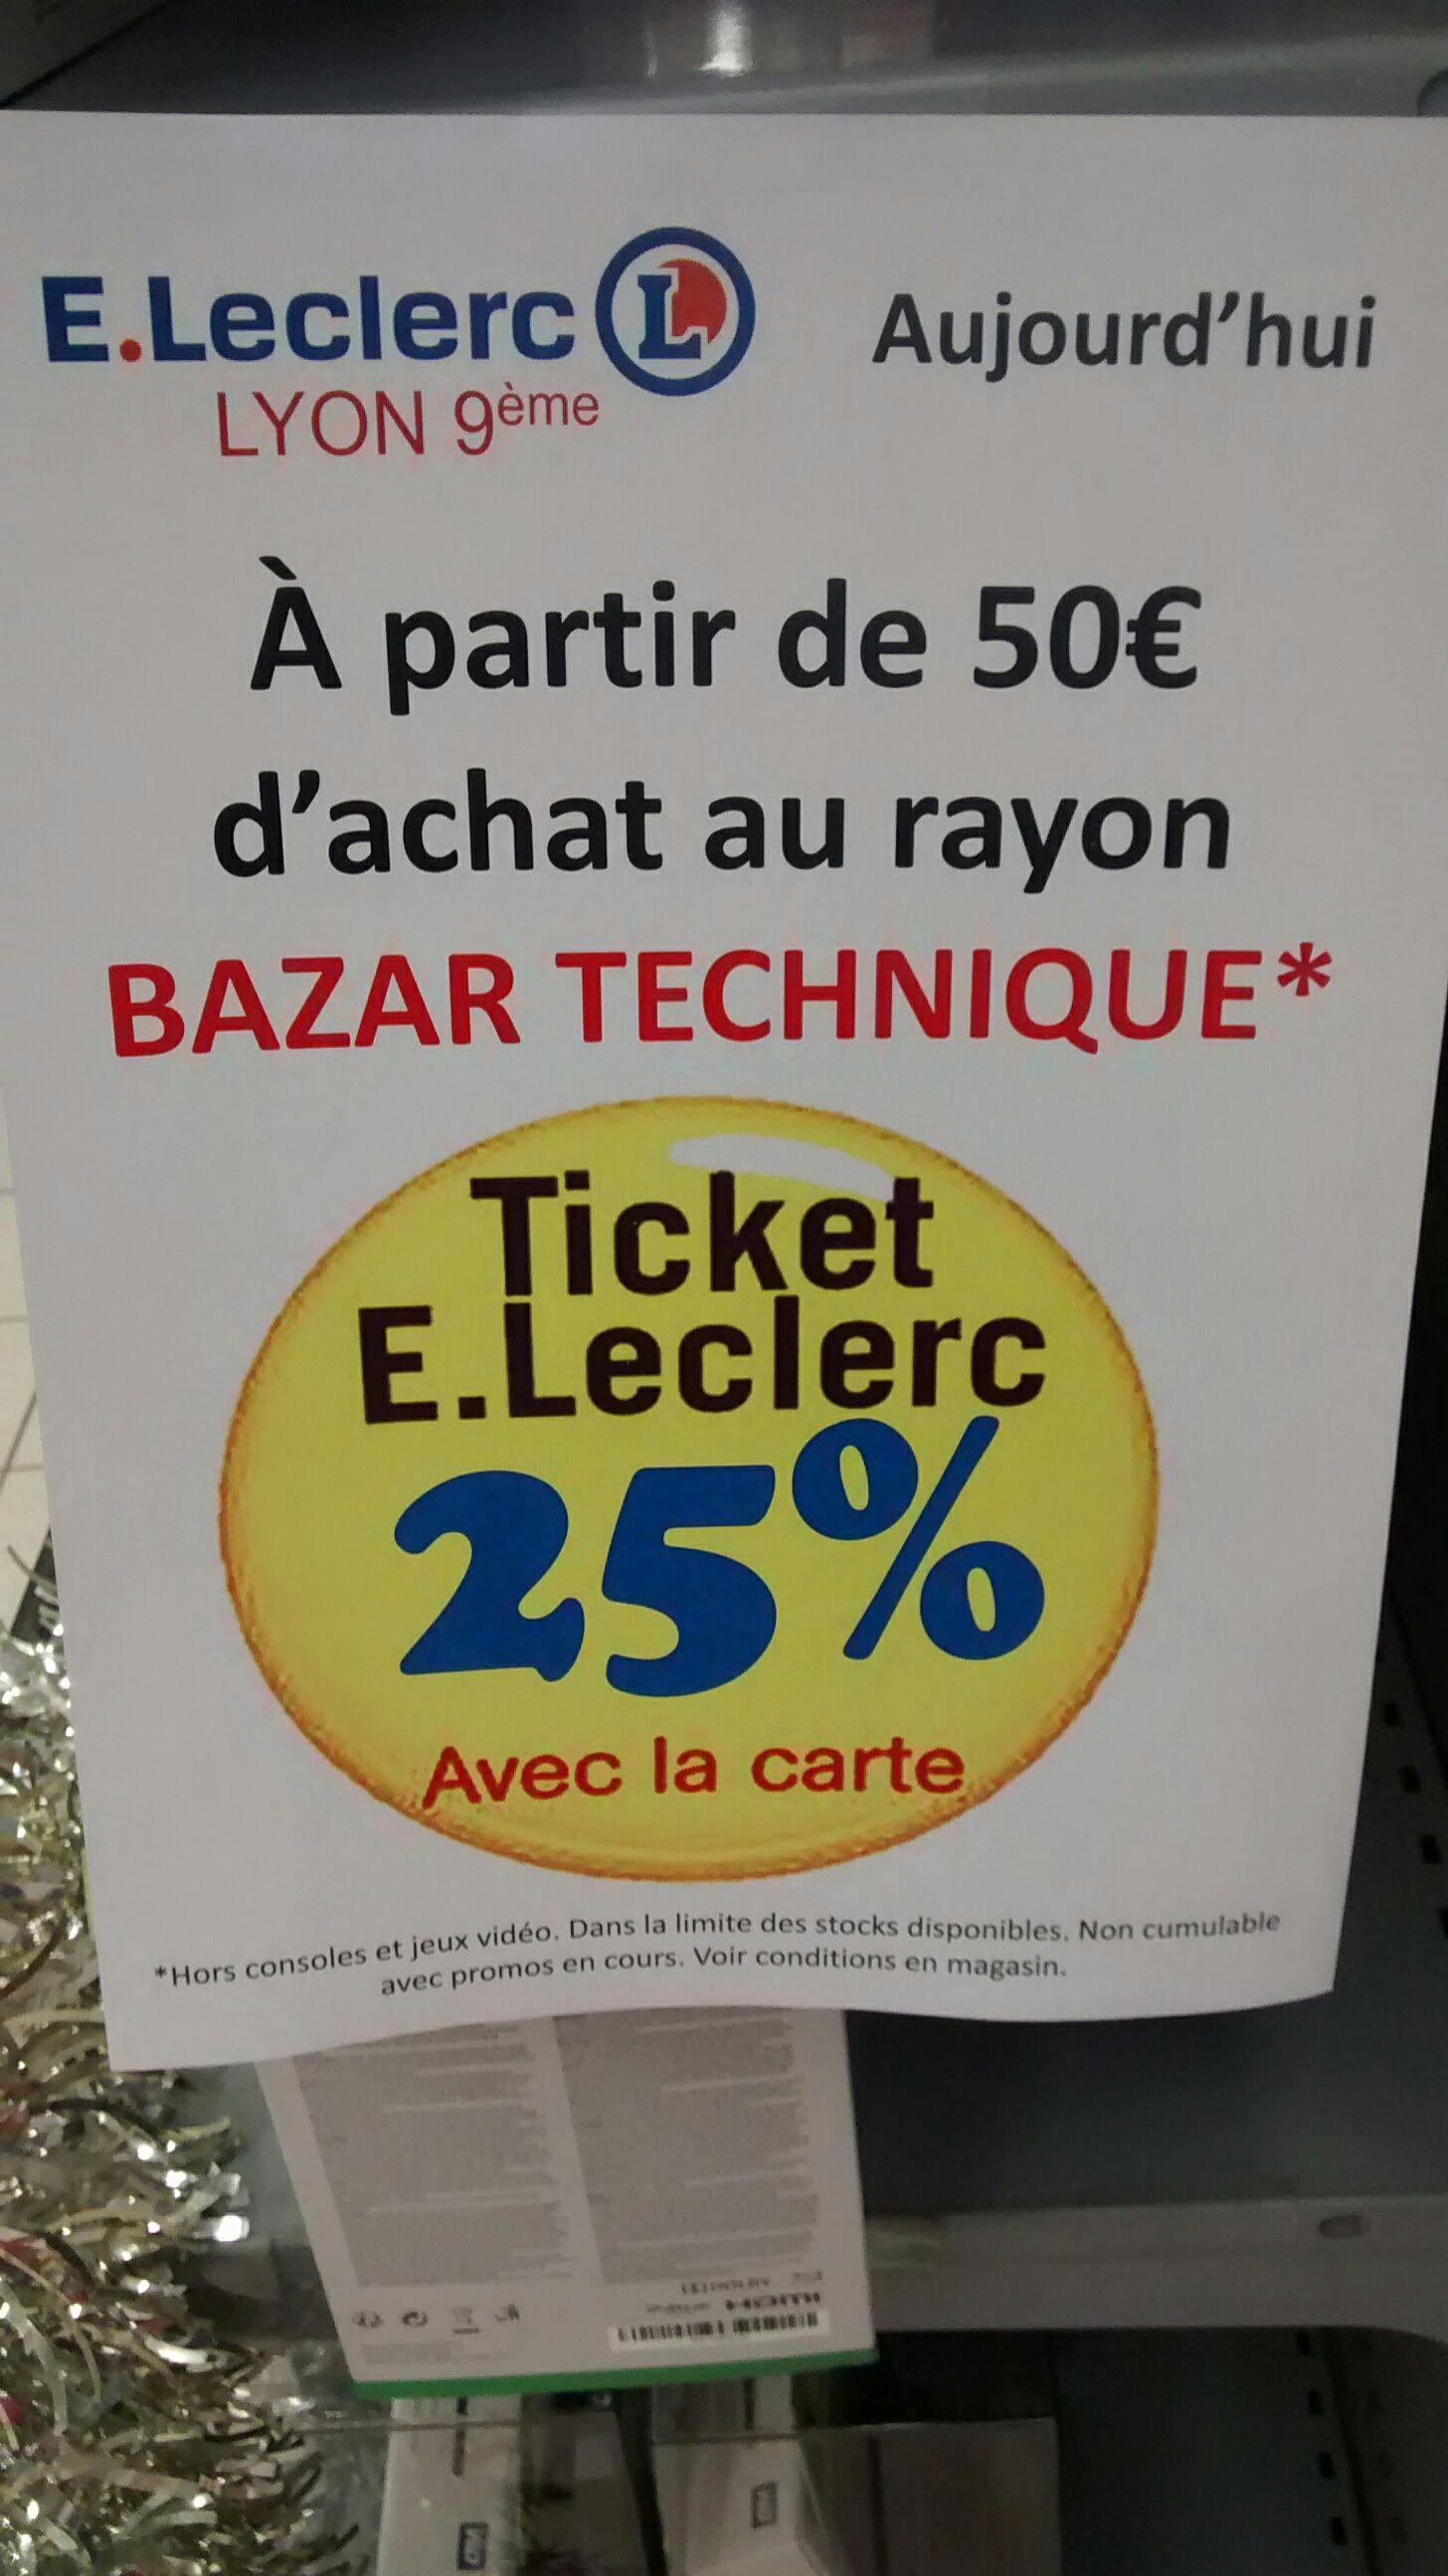 25% en ticket Leclerc dès 50€ d'achat au rayon bazar technique (hors jeux vidéo)